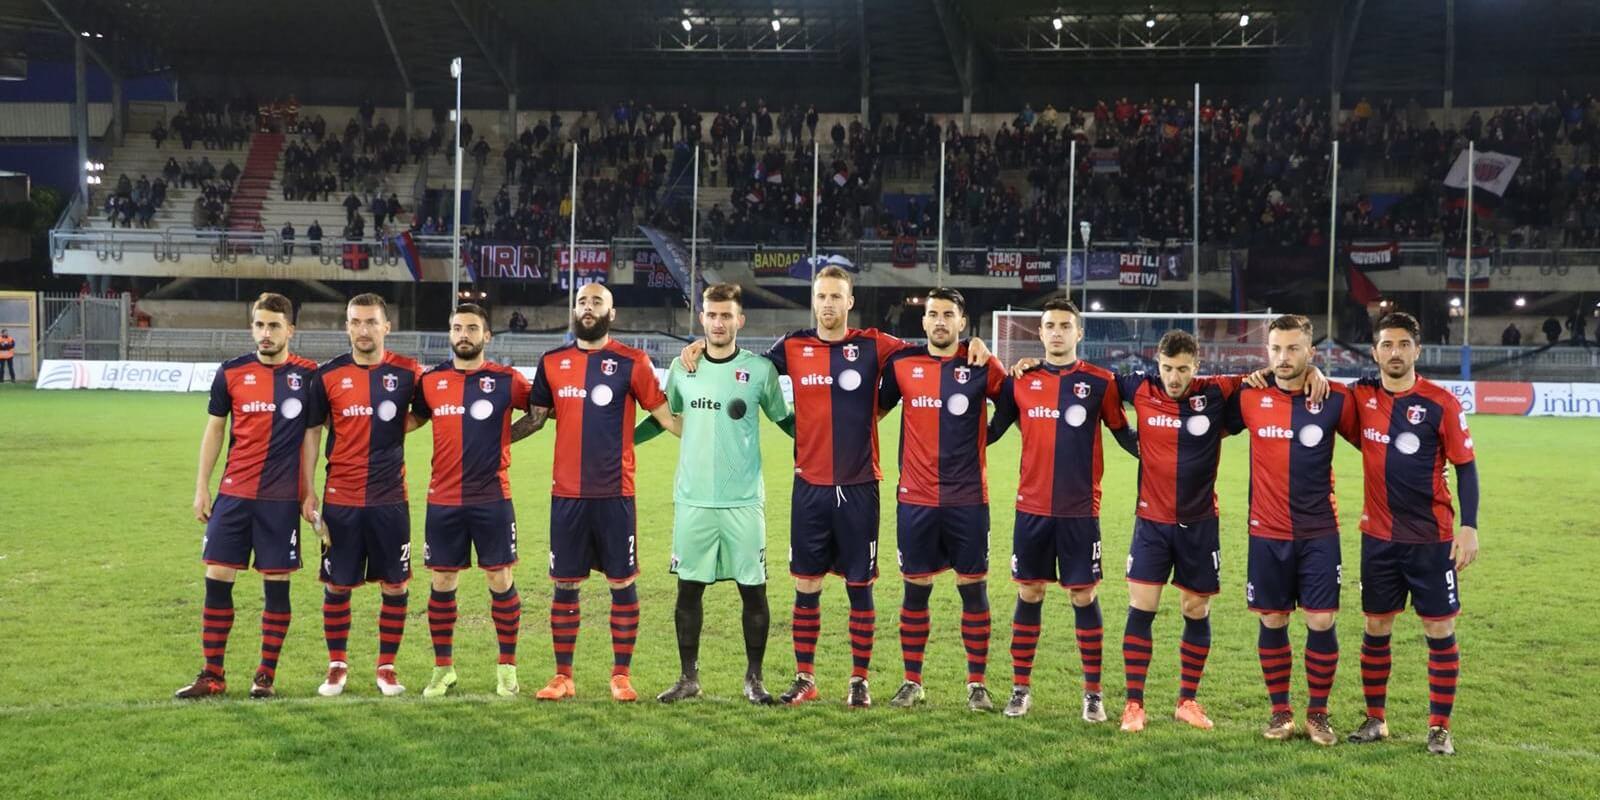 Samb-Vicenza